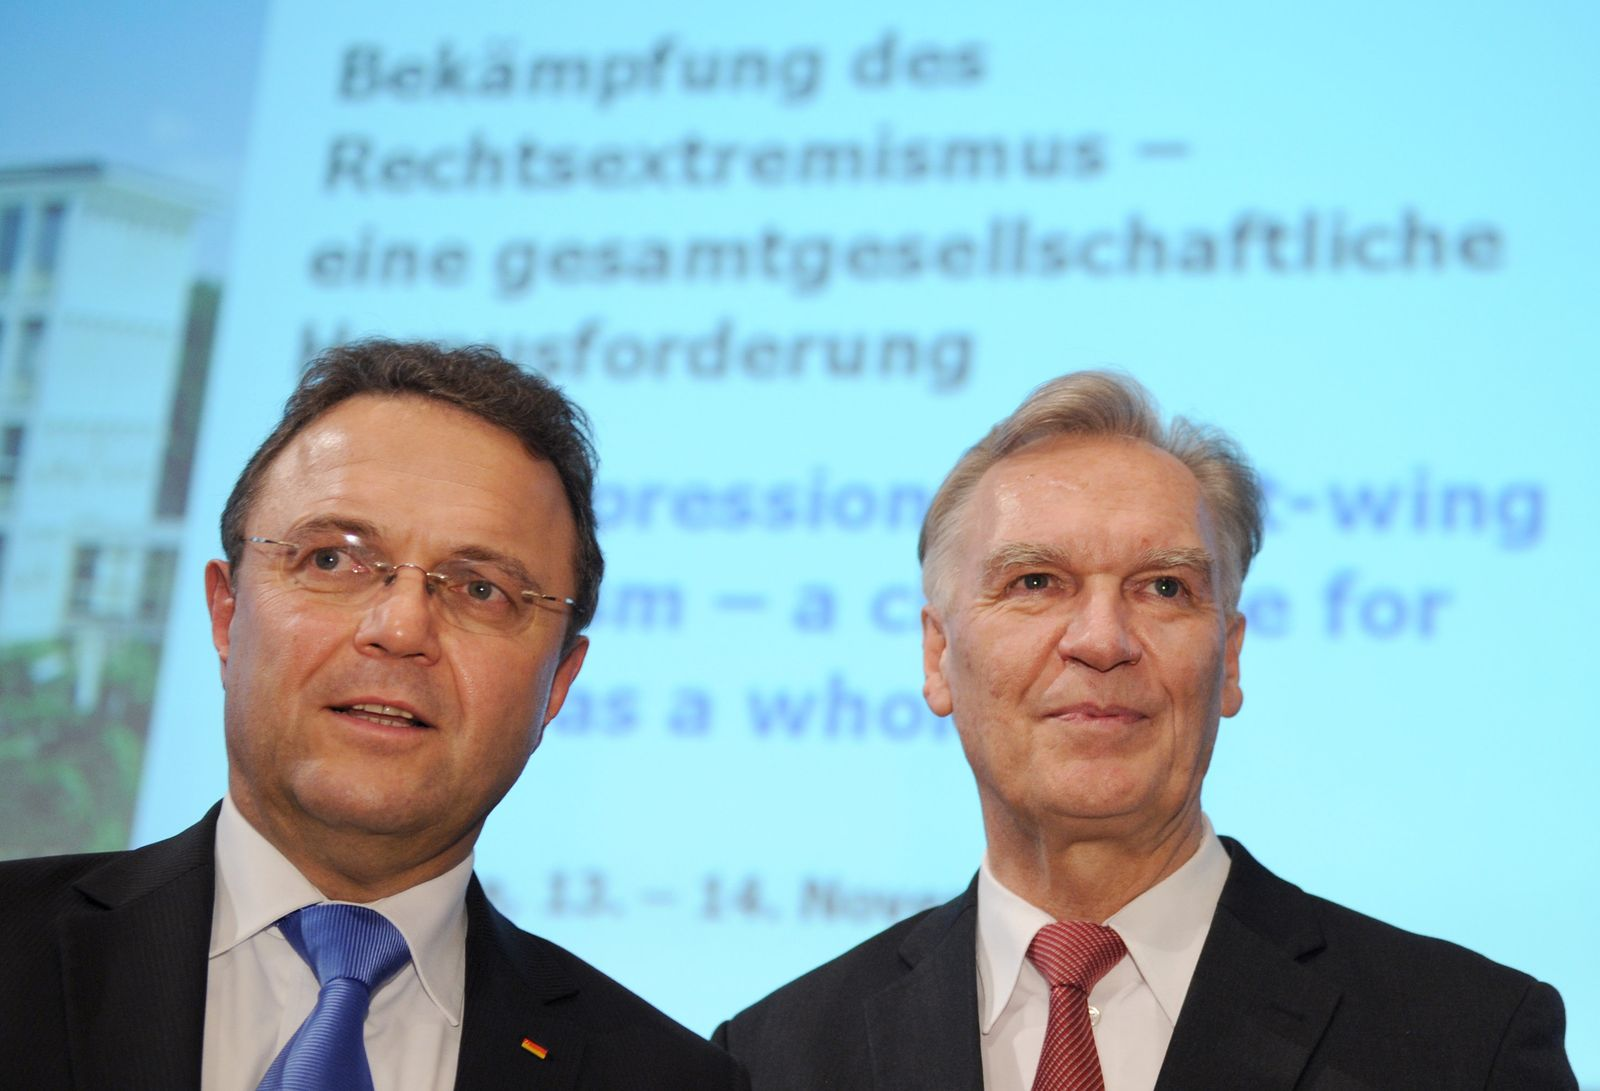 Friedrich & Ziercke